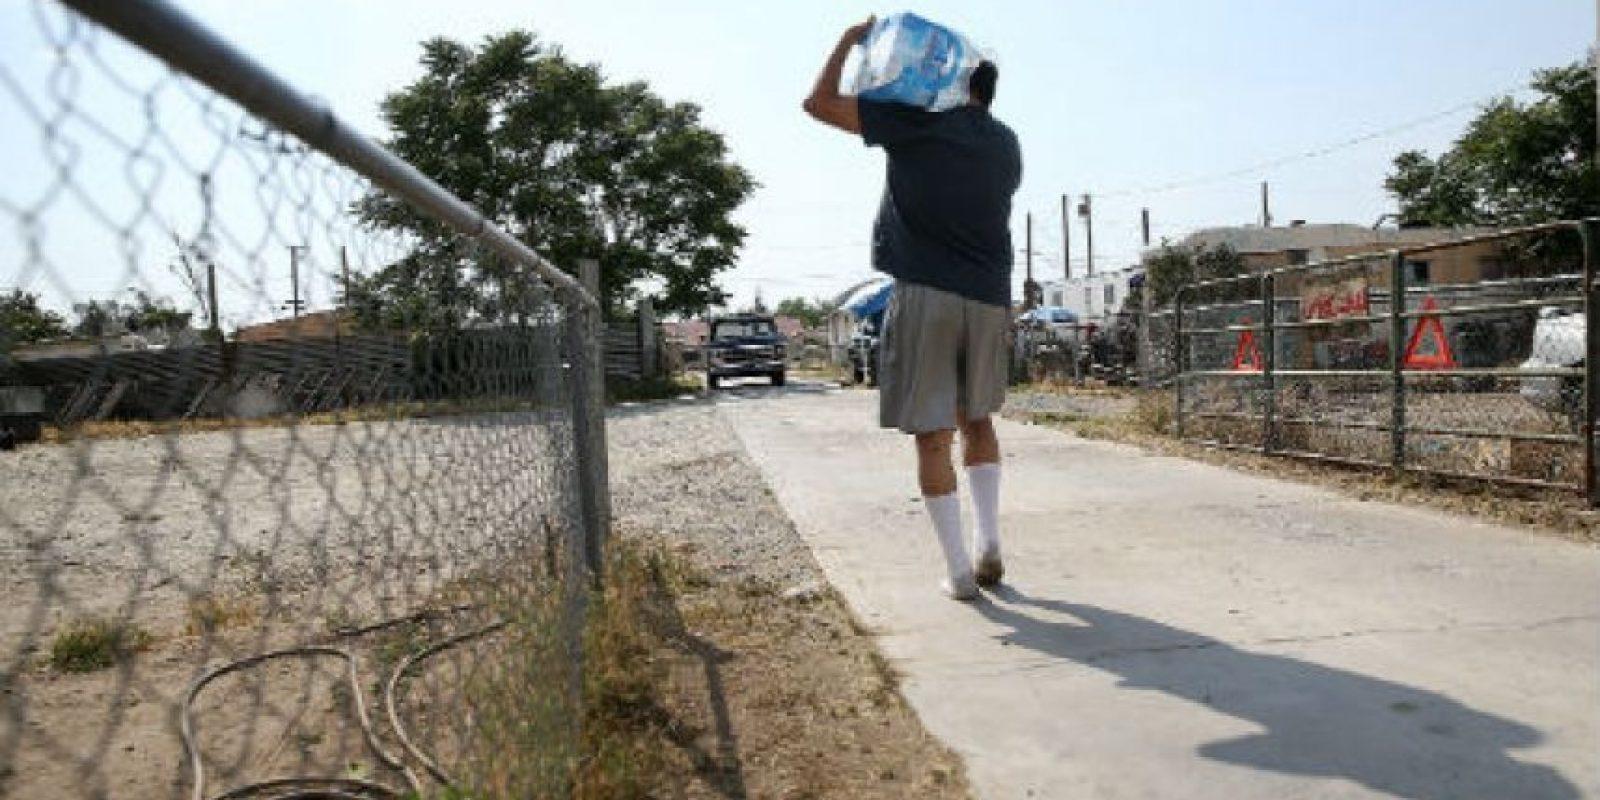 De acuerdo con el doctor Lee Jong-wook, que fue director general de la Organización Mundial de la Salud, el agua es uno de los principales motores de la salud pública. Foto:Getty Images